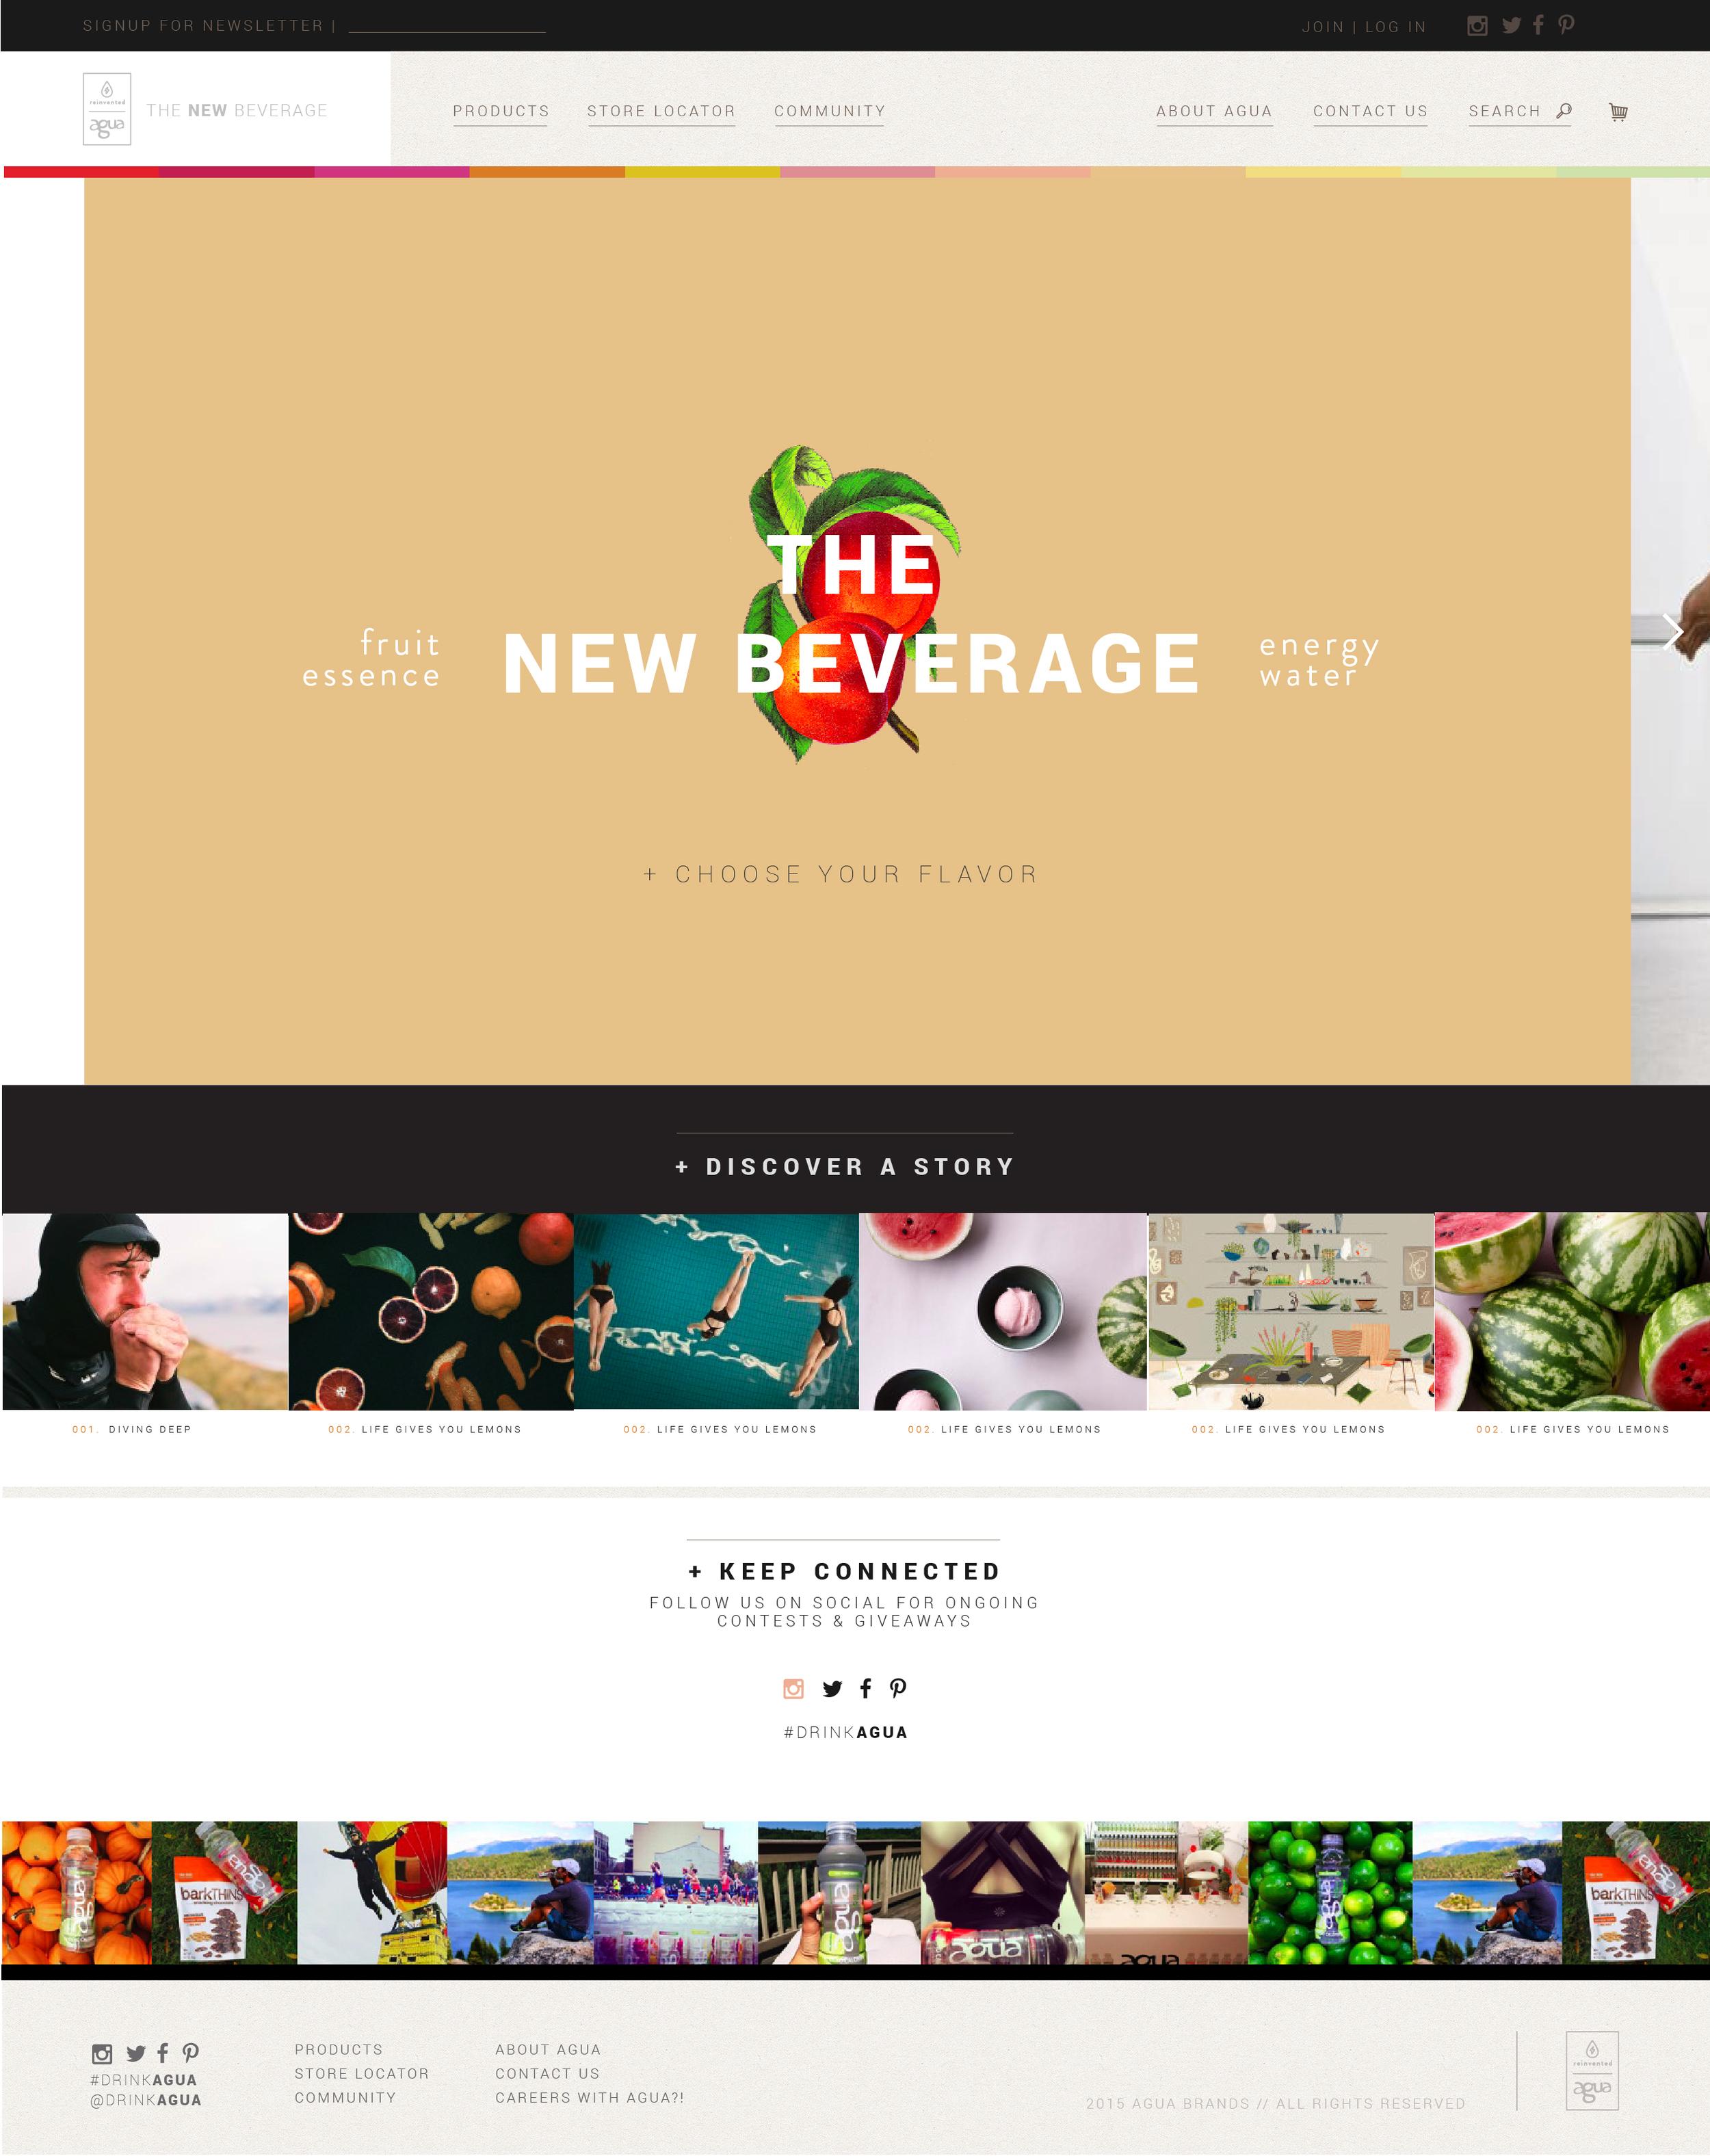 AGUA_site_Home-01.jpg